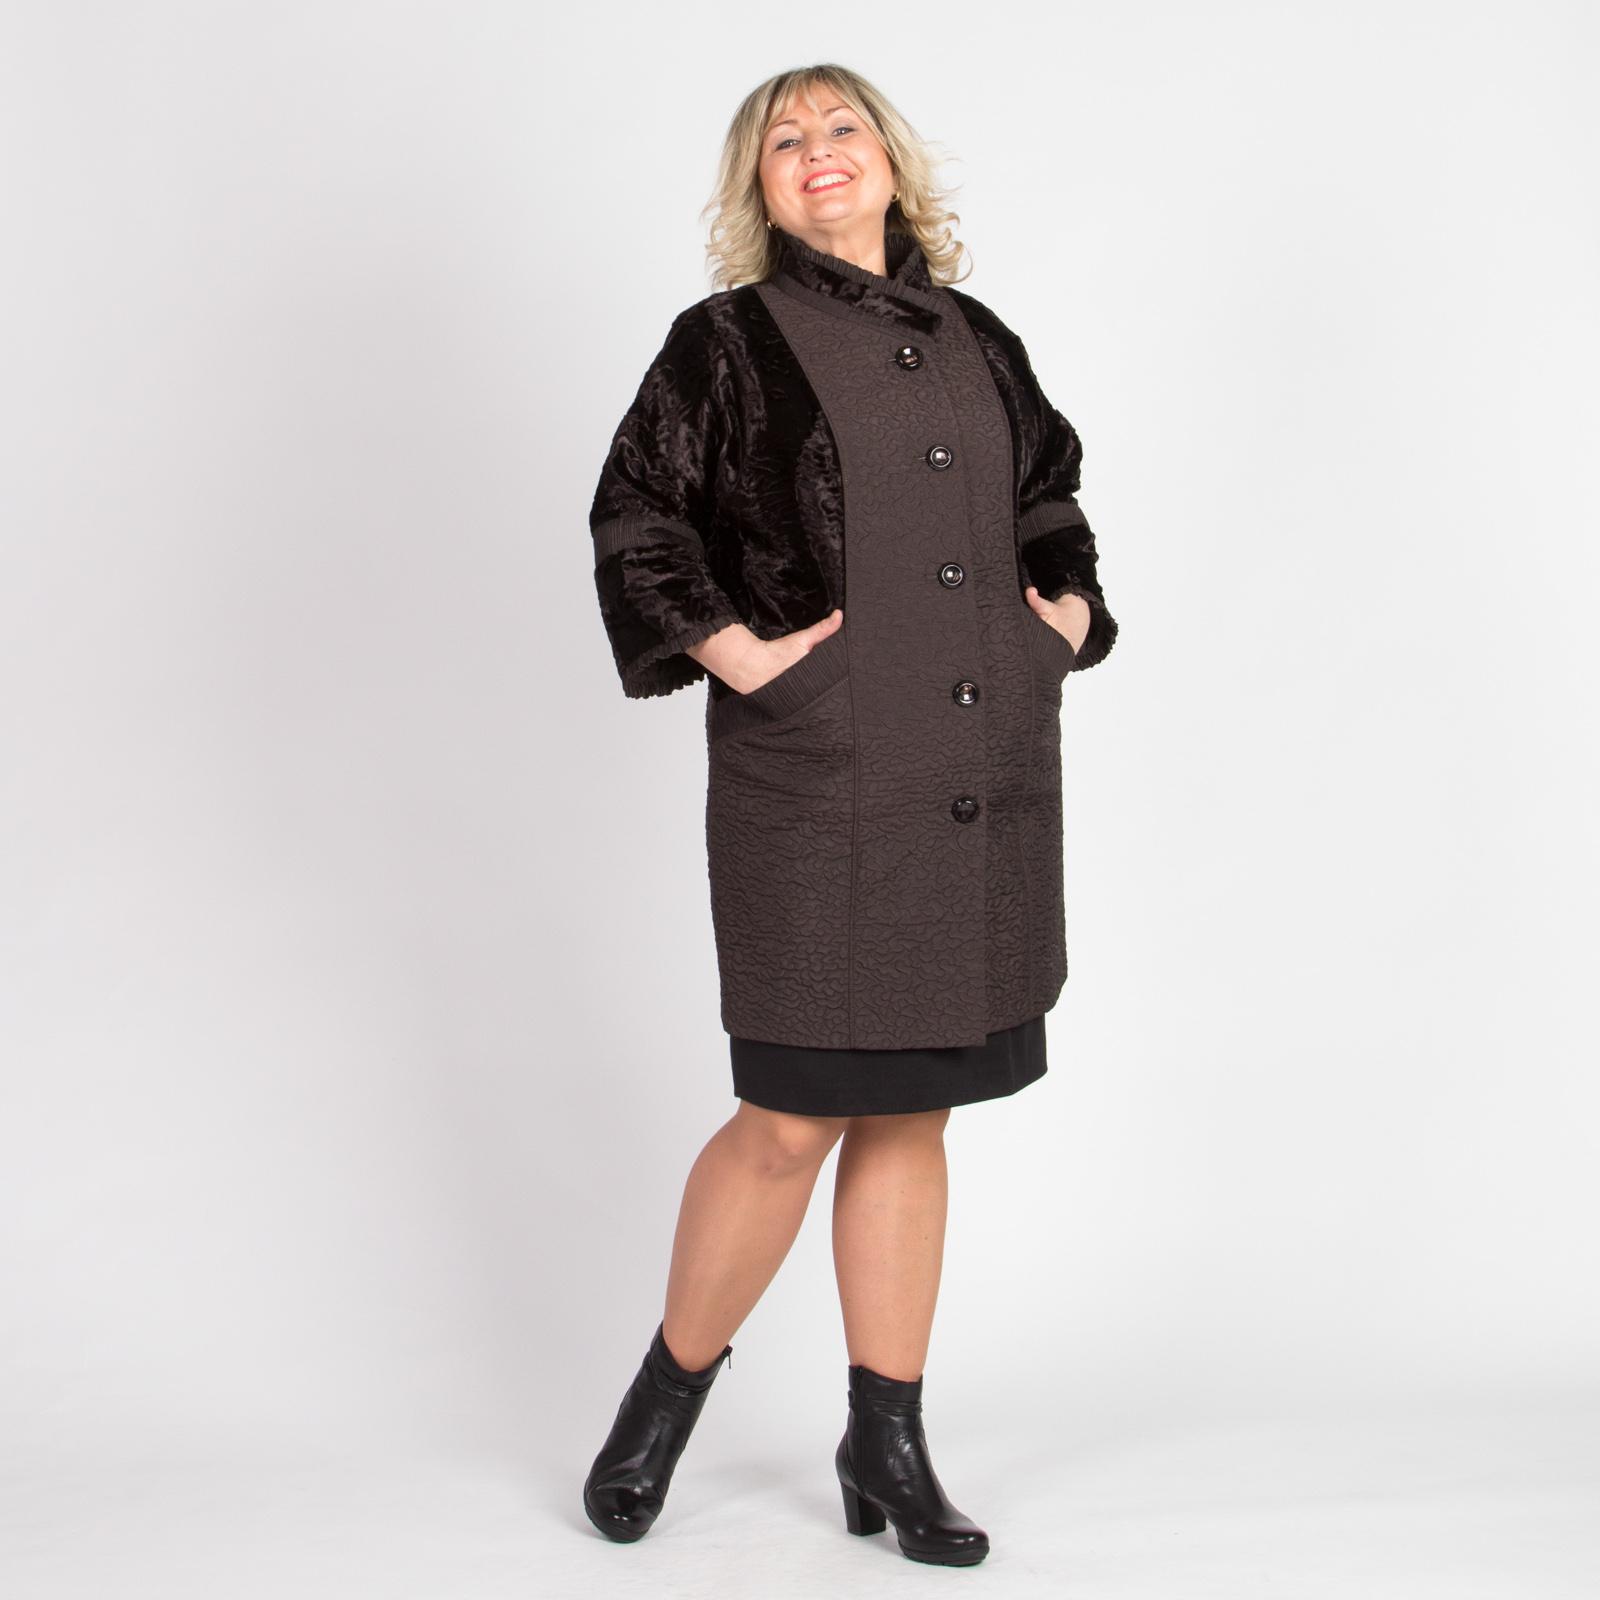 Пальто элегантного дизайна со вставками из меха под каракуль